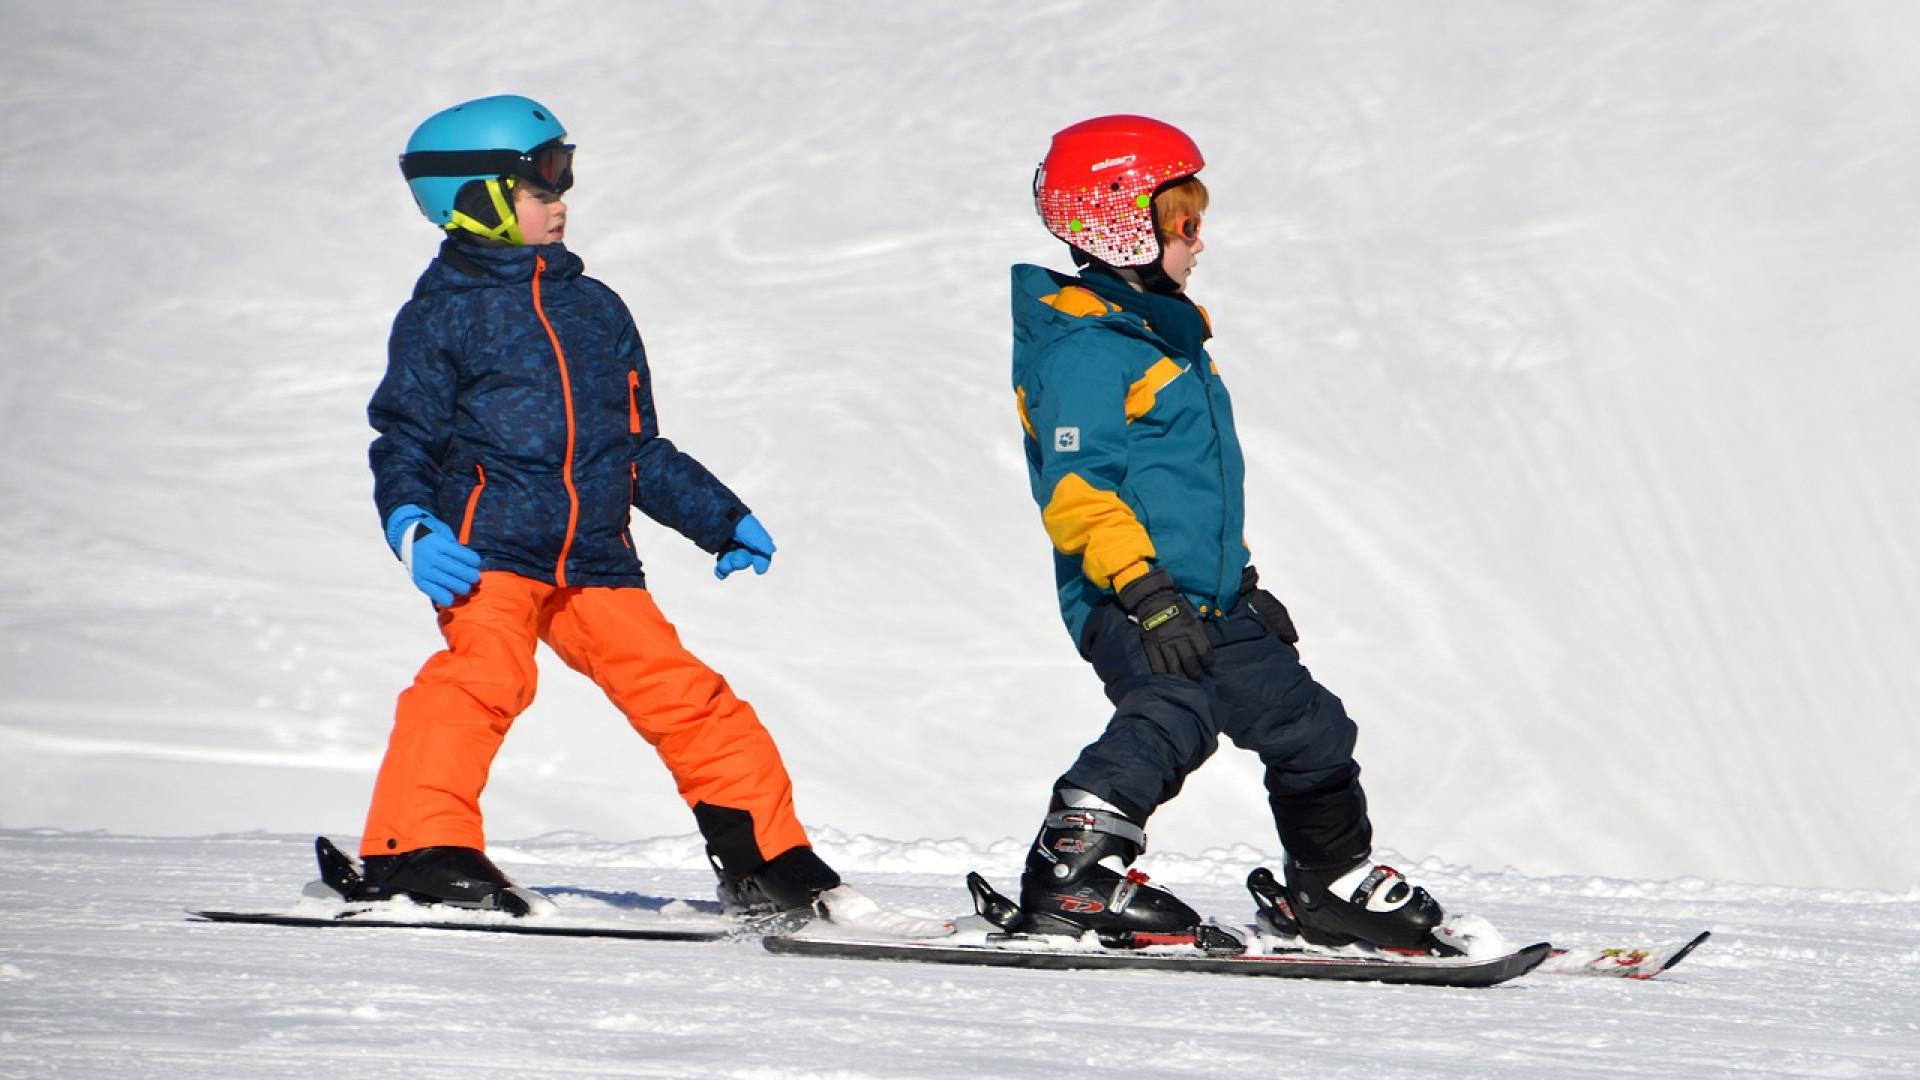 Faire du ski dans le massif du Sancy, j'en rêve ! On fait quoi pour les prochaines vacances ?